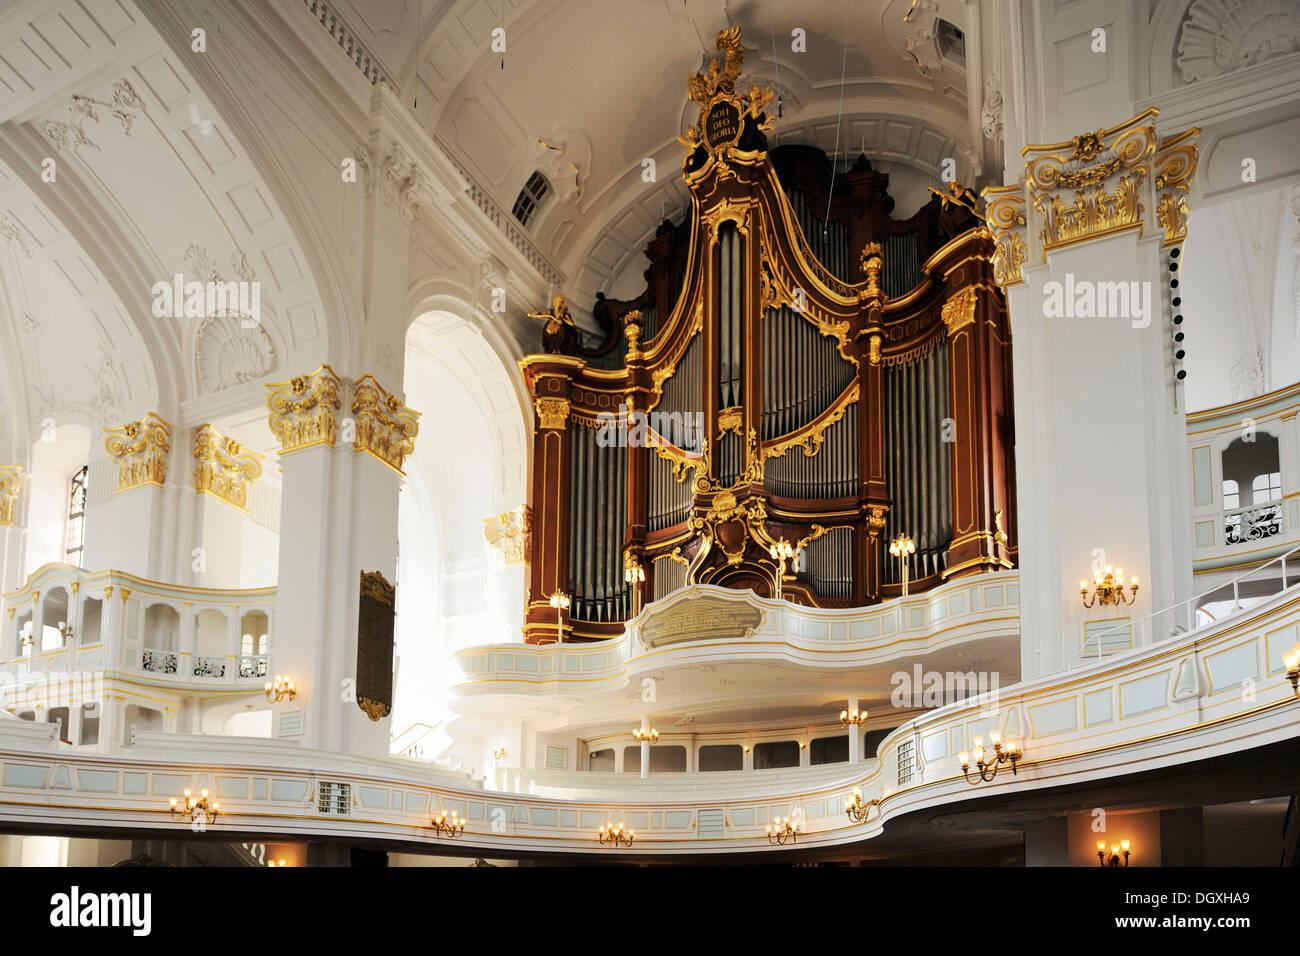 Innenansicht der barocken St.-Michaelis-Kirche mit Orgel, Hamburg Stockbild